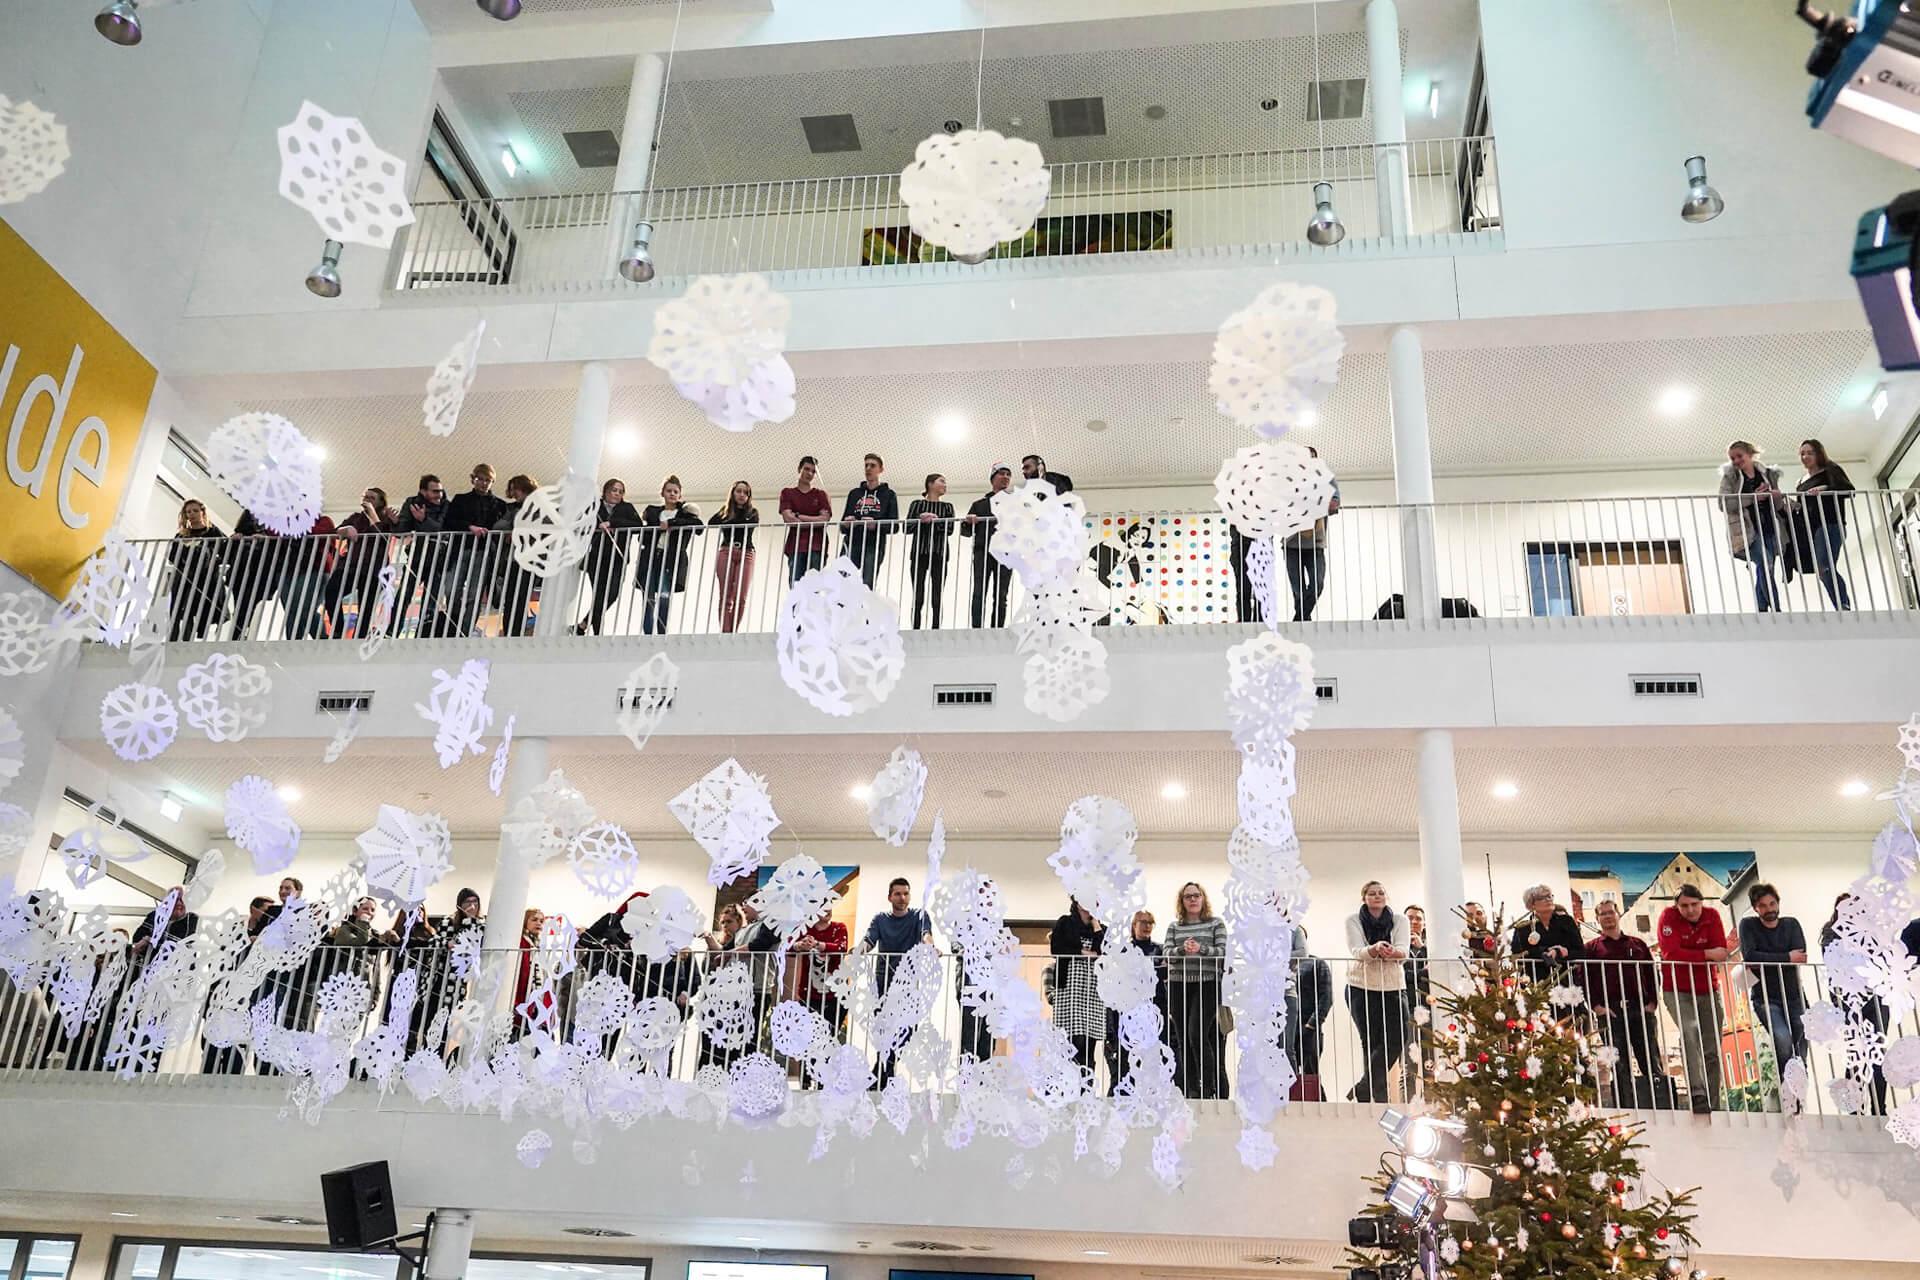 2018 12 21 Weihnachten Letzter Schultag 5